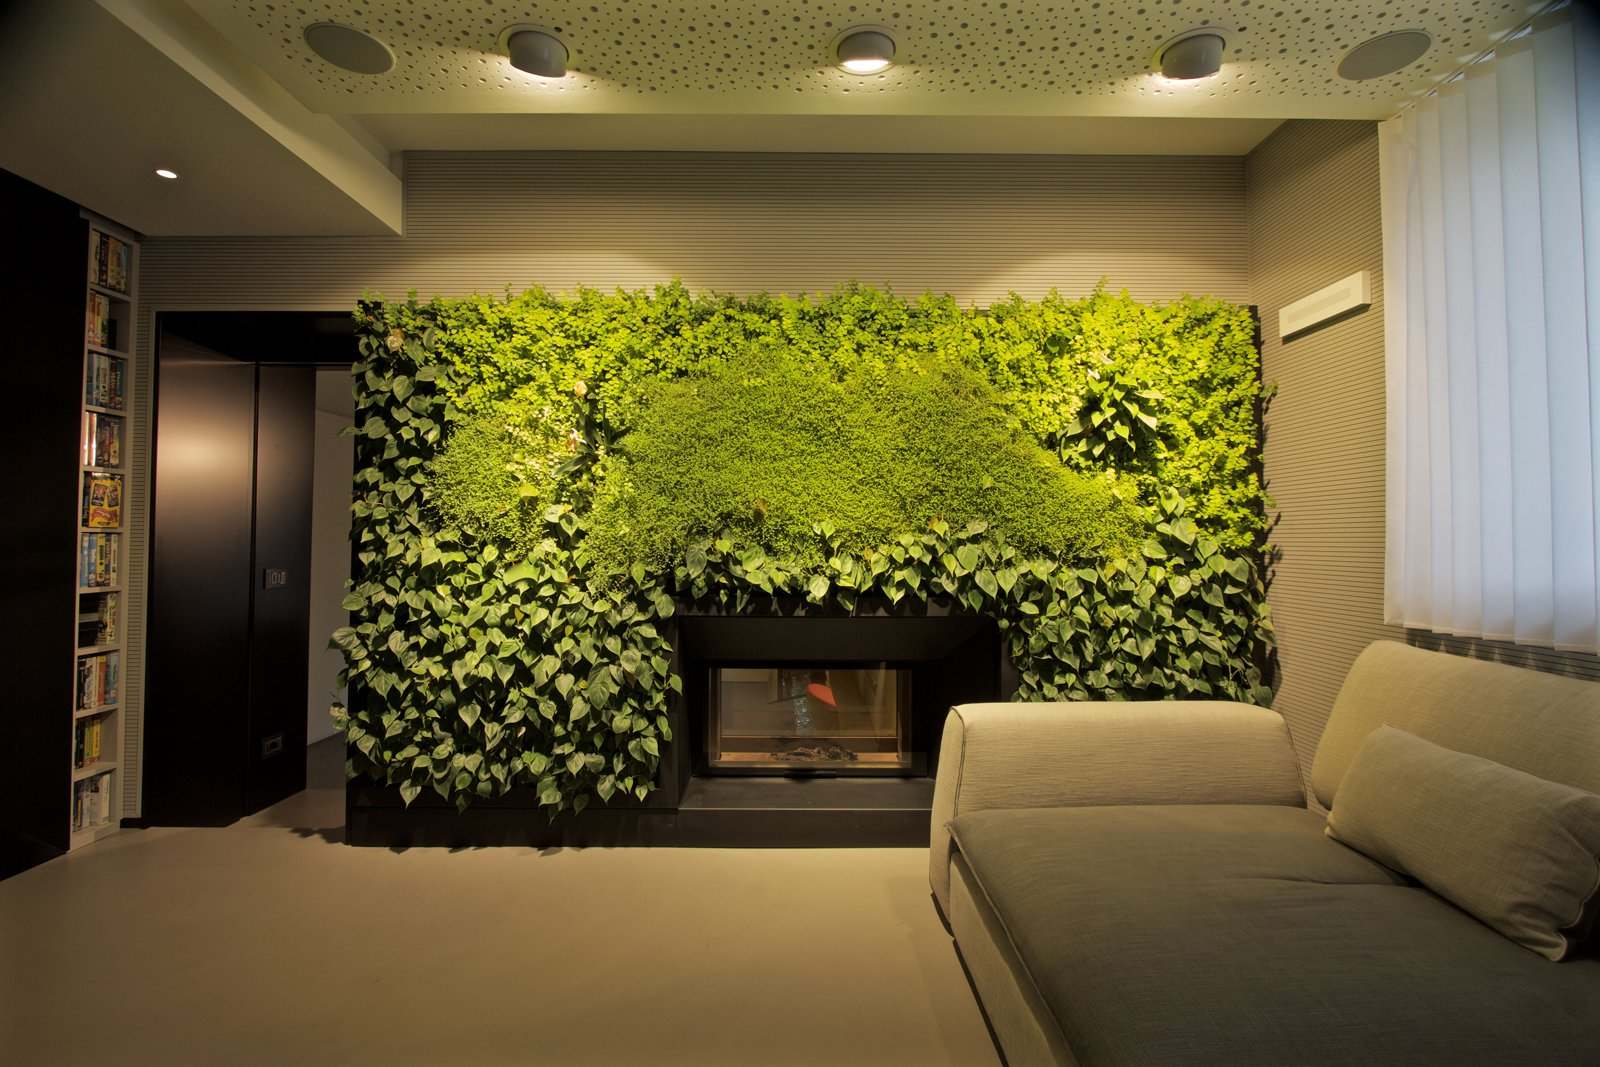 Giardino verticale sundar italia cose di casa for Arredare parete